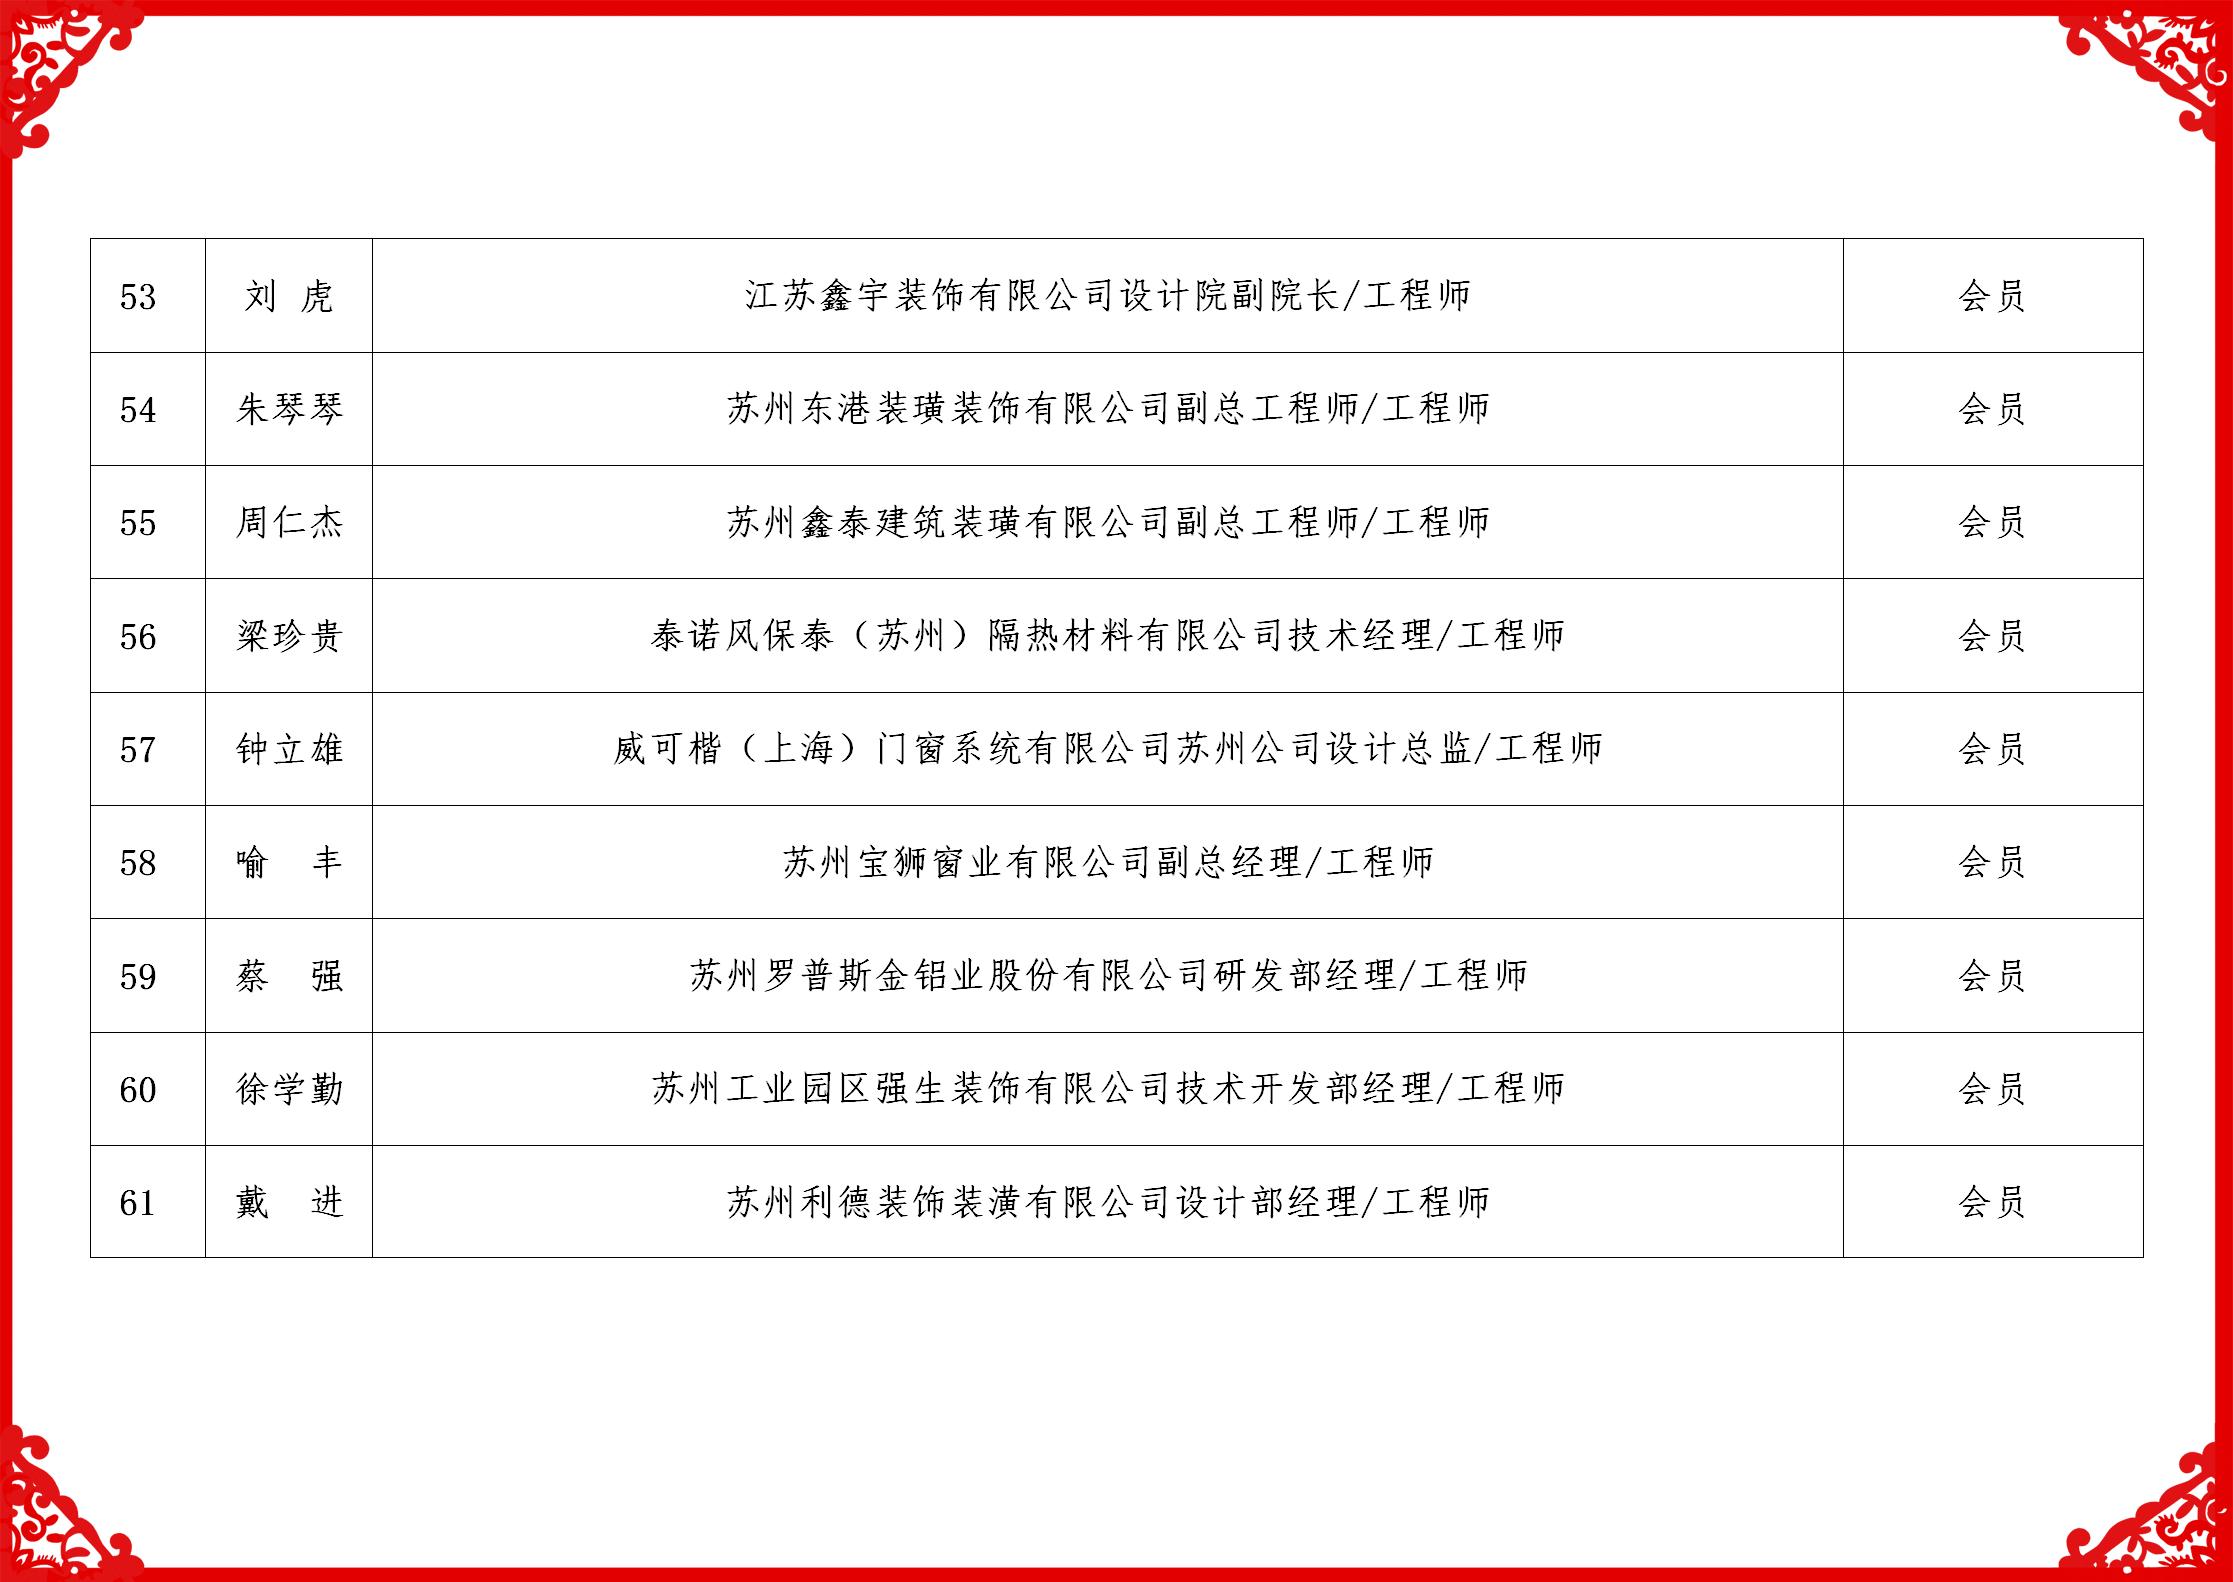 2019科技委名单_07